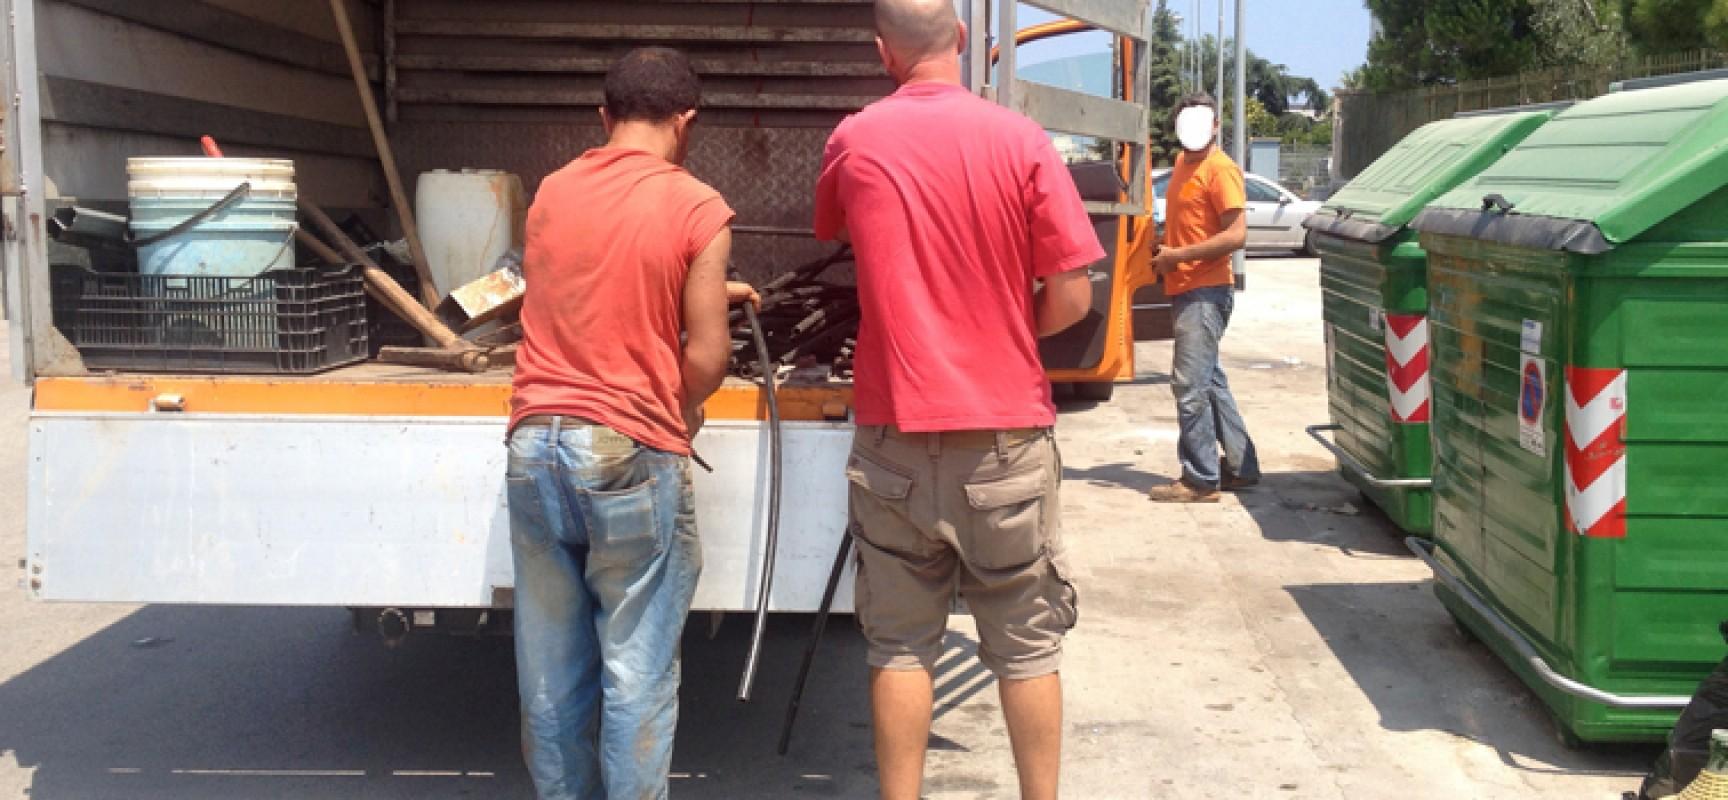 Conferimento dei rifiuti, altri due trasgressori beccati stamane nella zona artigianale ovest